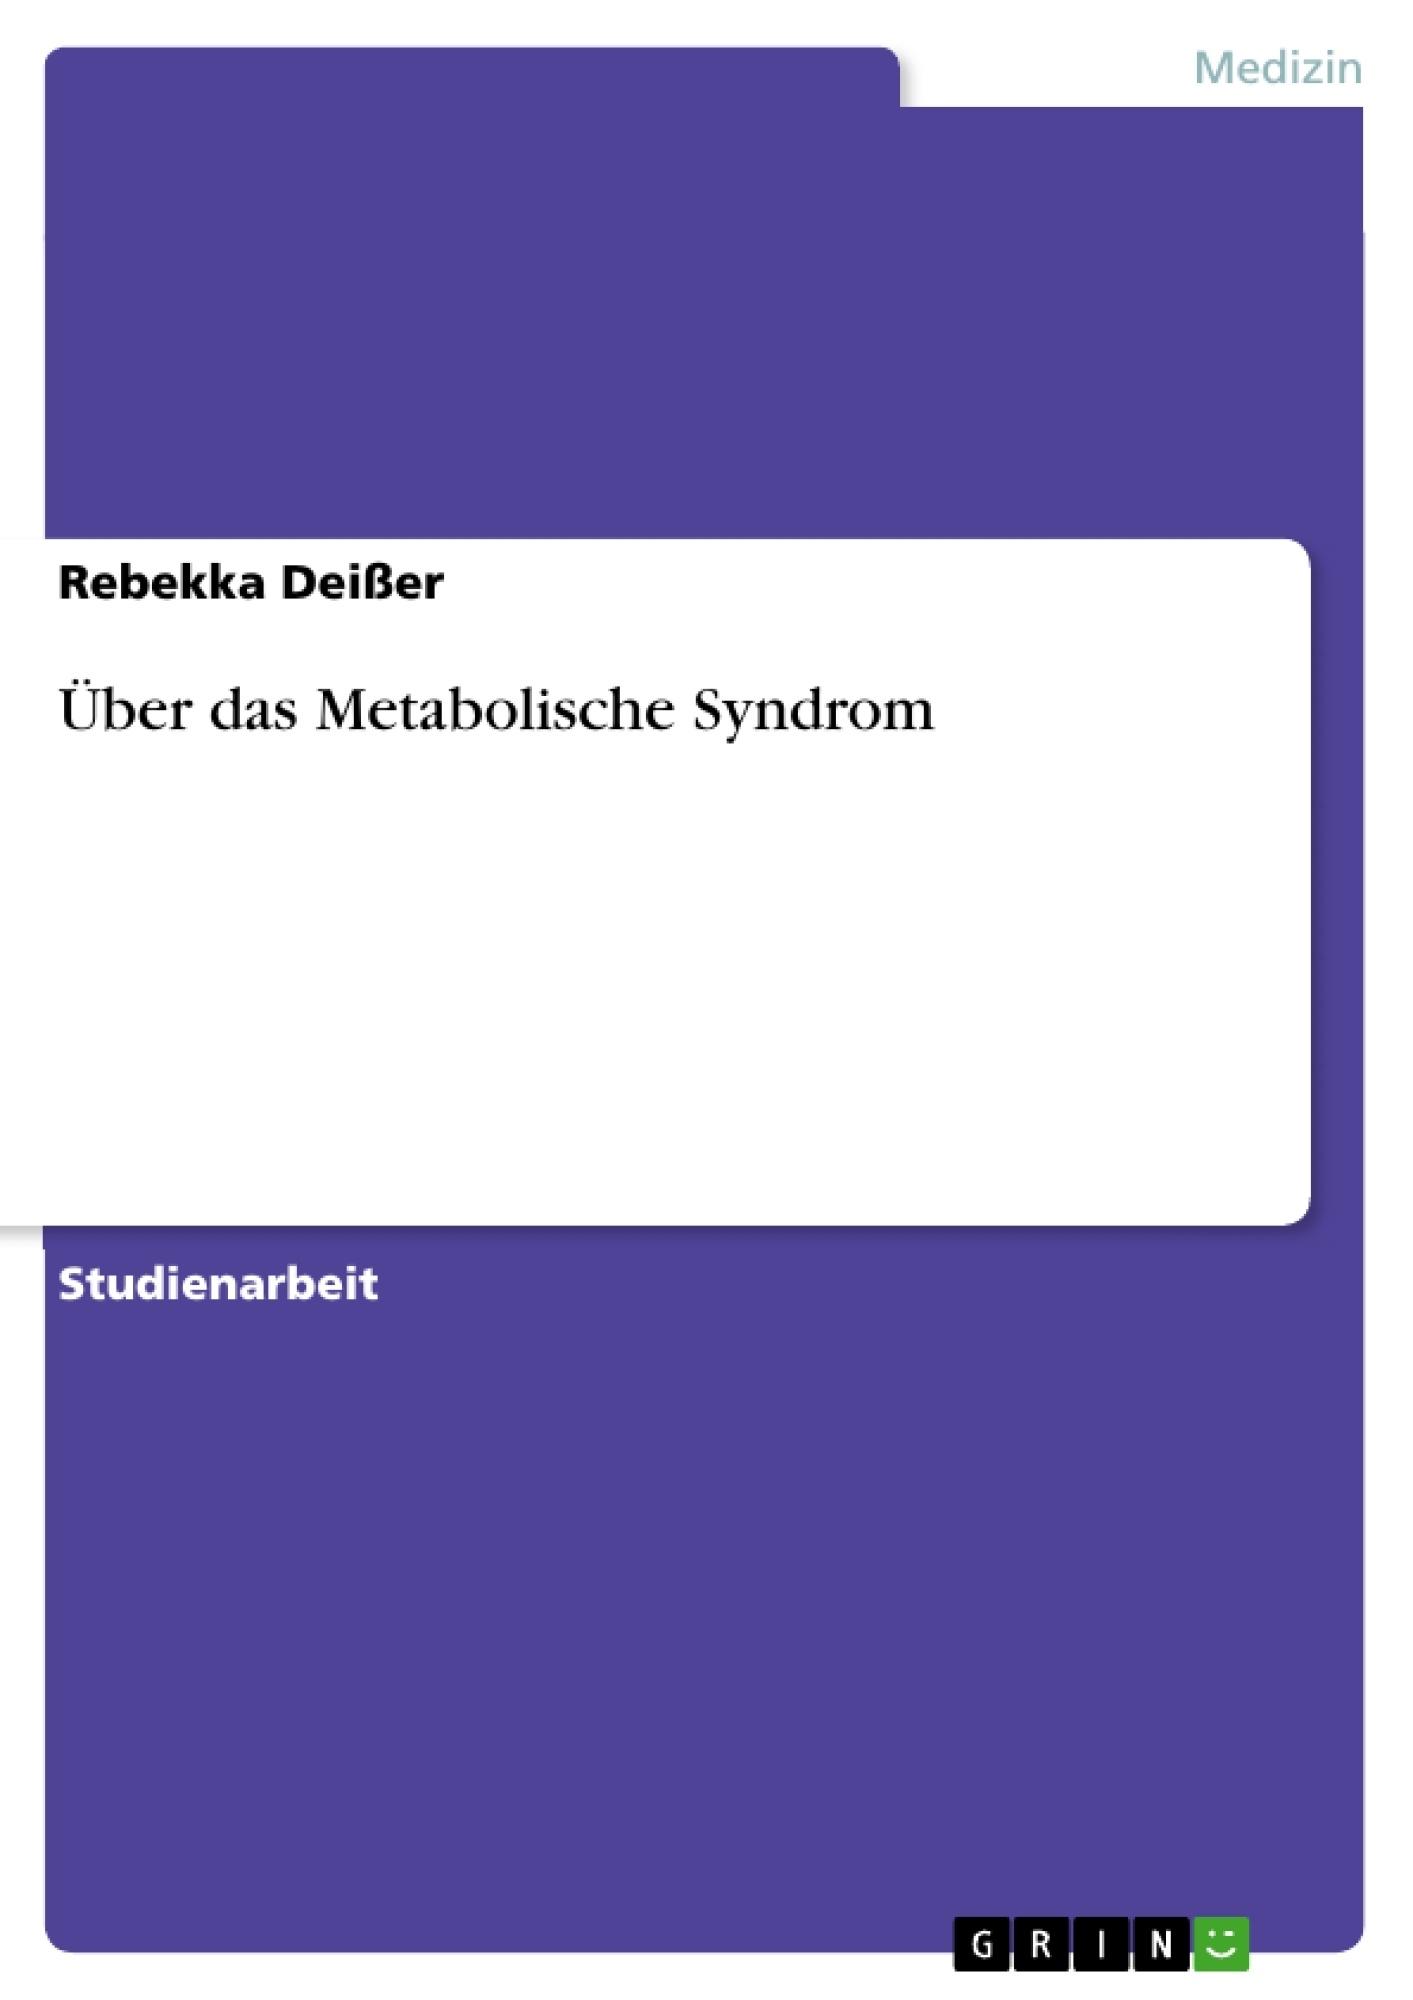 Titel: Über das Metabolische Syndrom